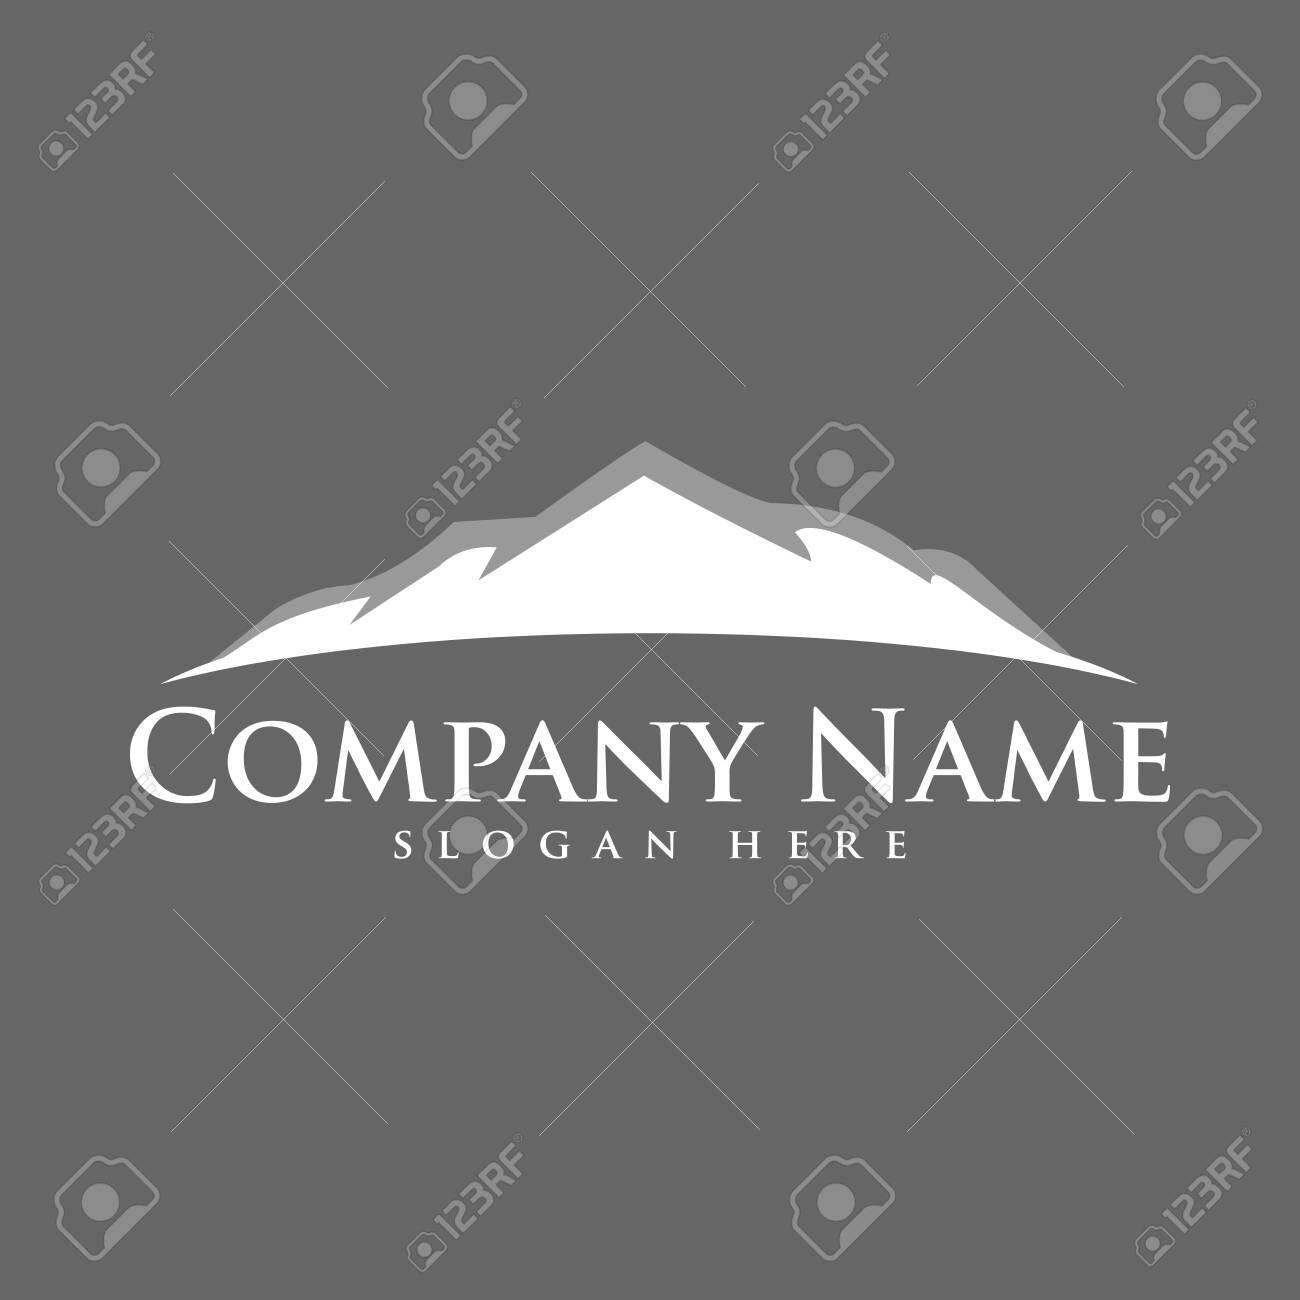 mountain logo icon vector design symbol - 140819587